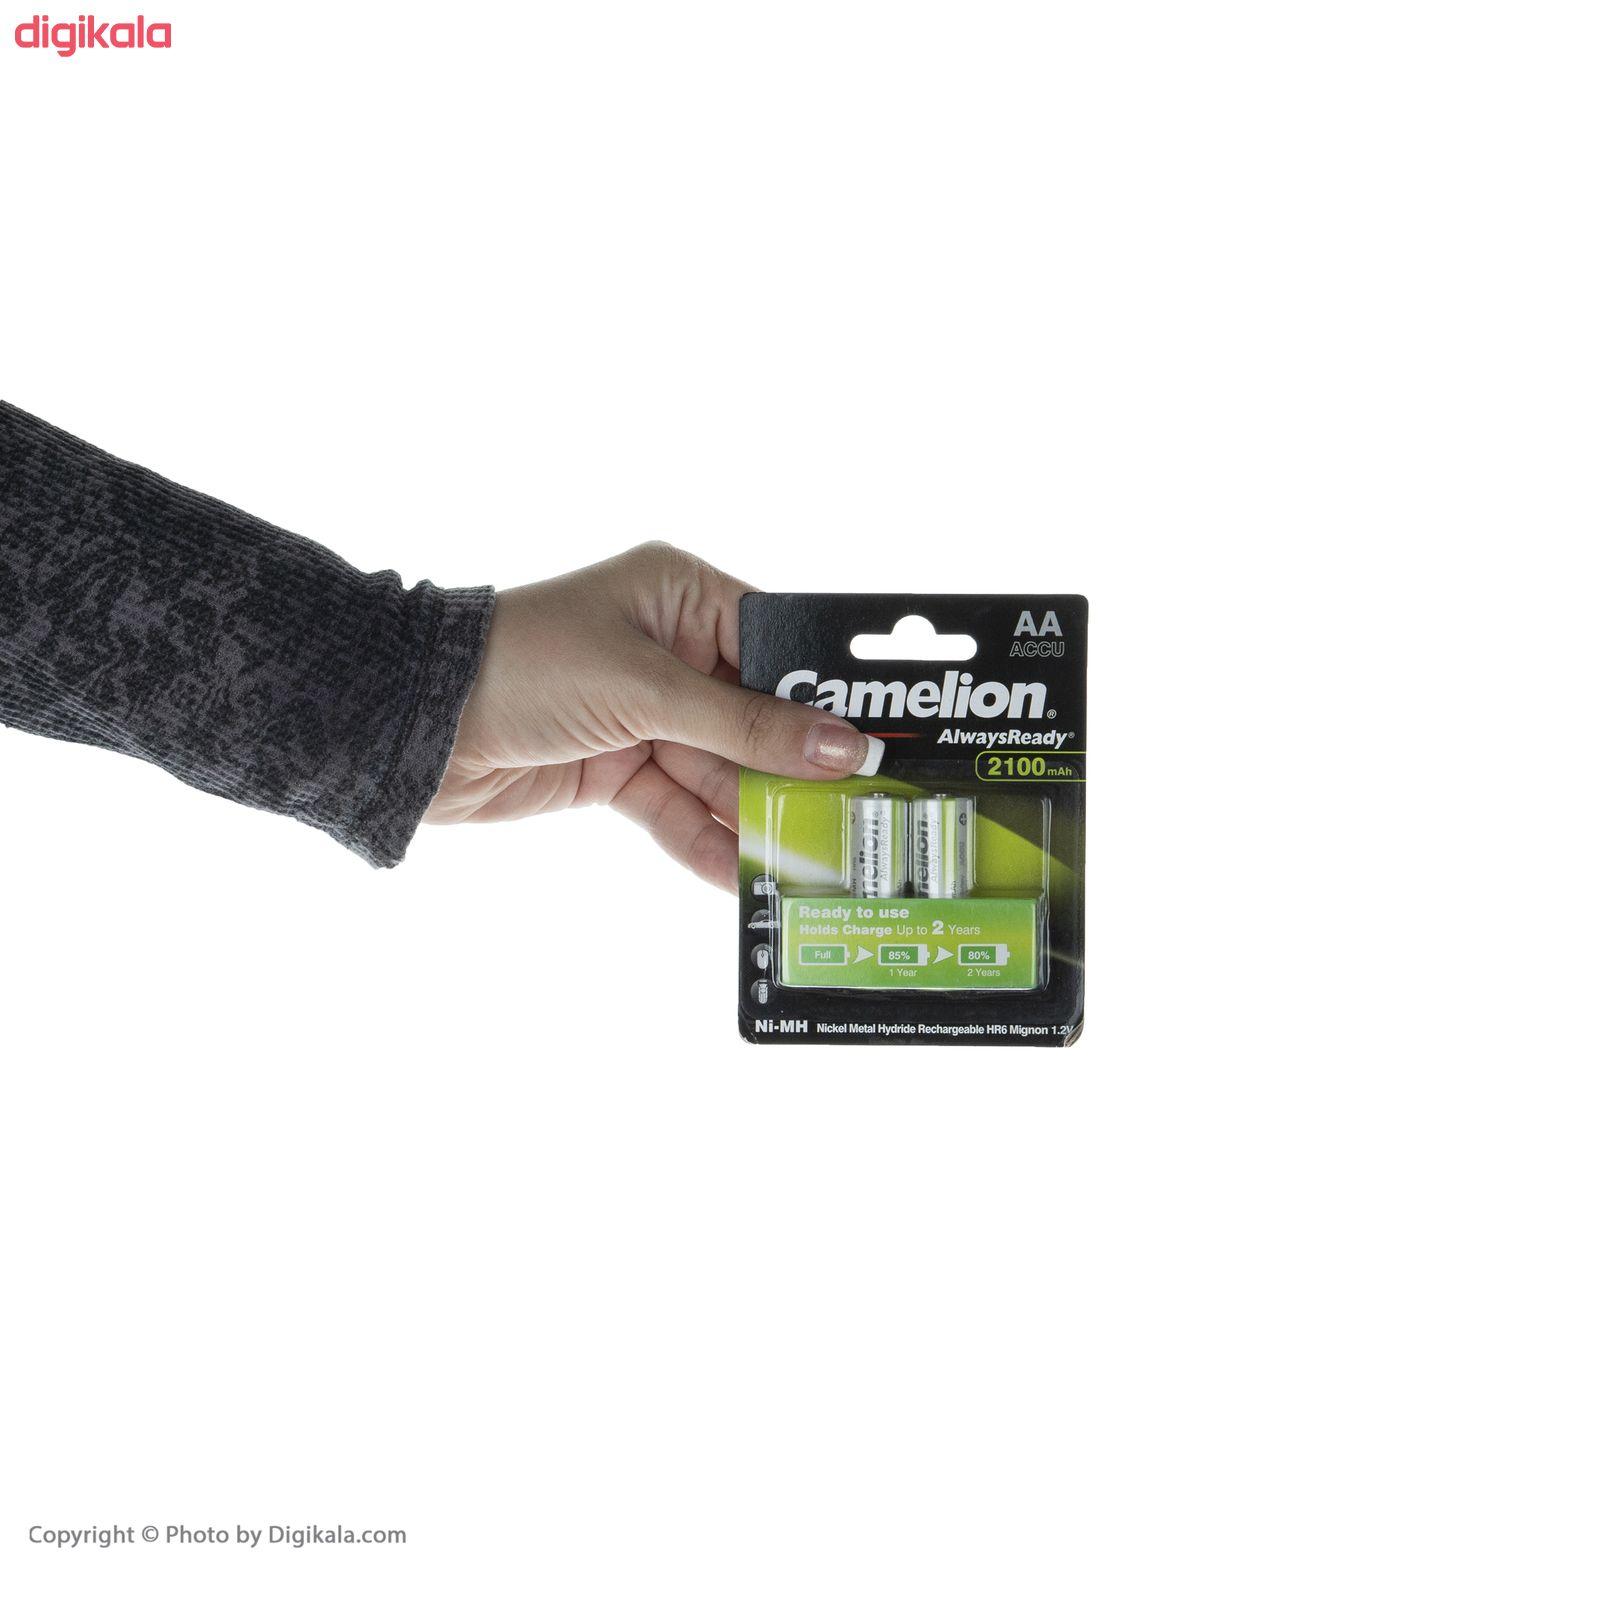 باتری قلمی قابل شارژ کملیون مدل AlwaysReady New Version با ظرفیت 2100 میلی آمپر ساعت بسته 2 عددی main 1 3